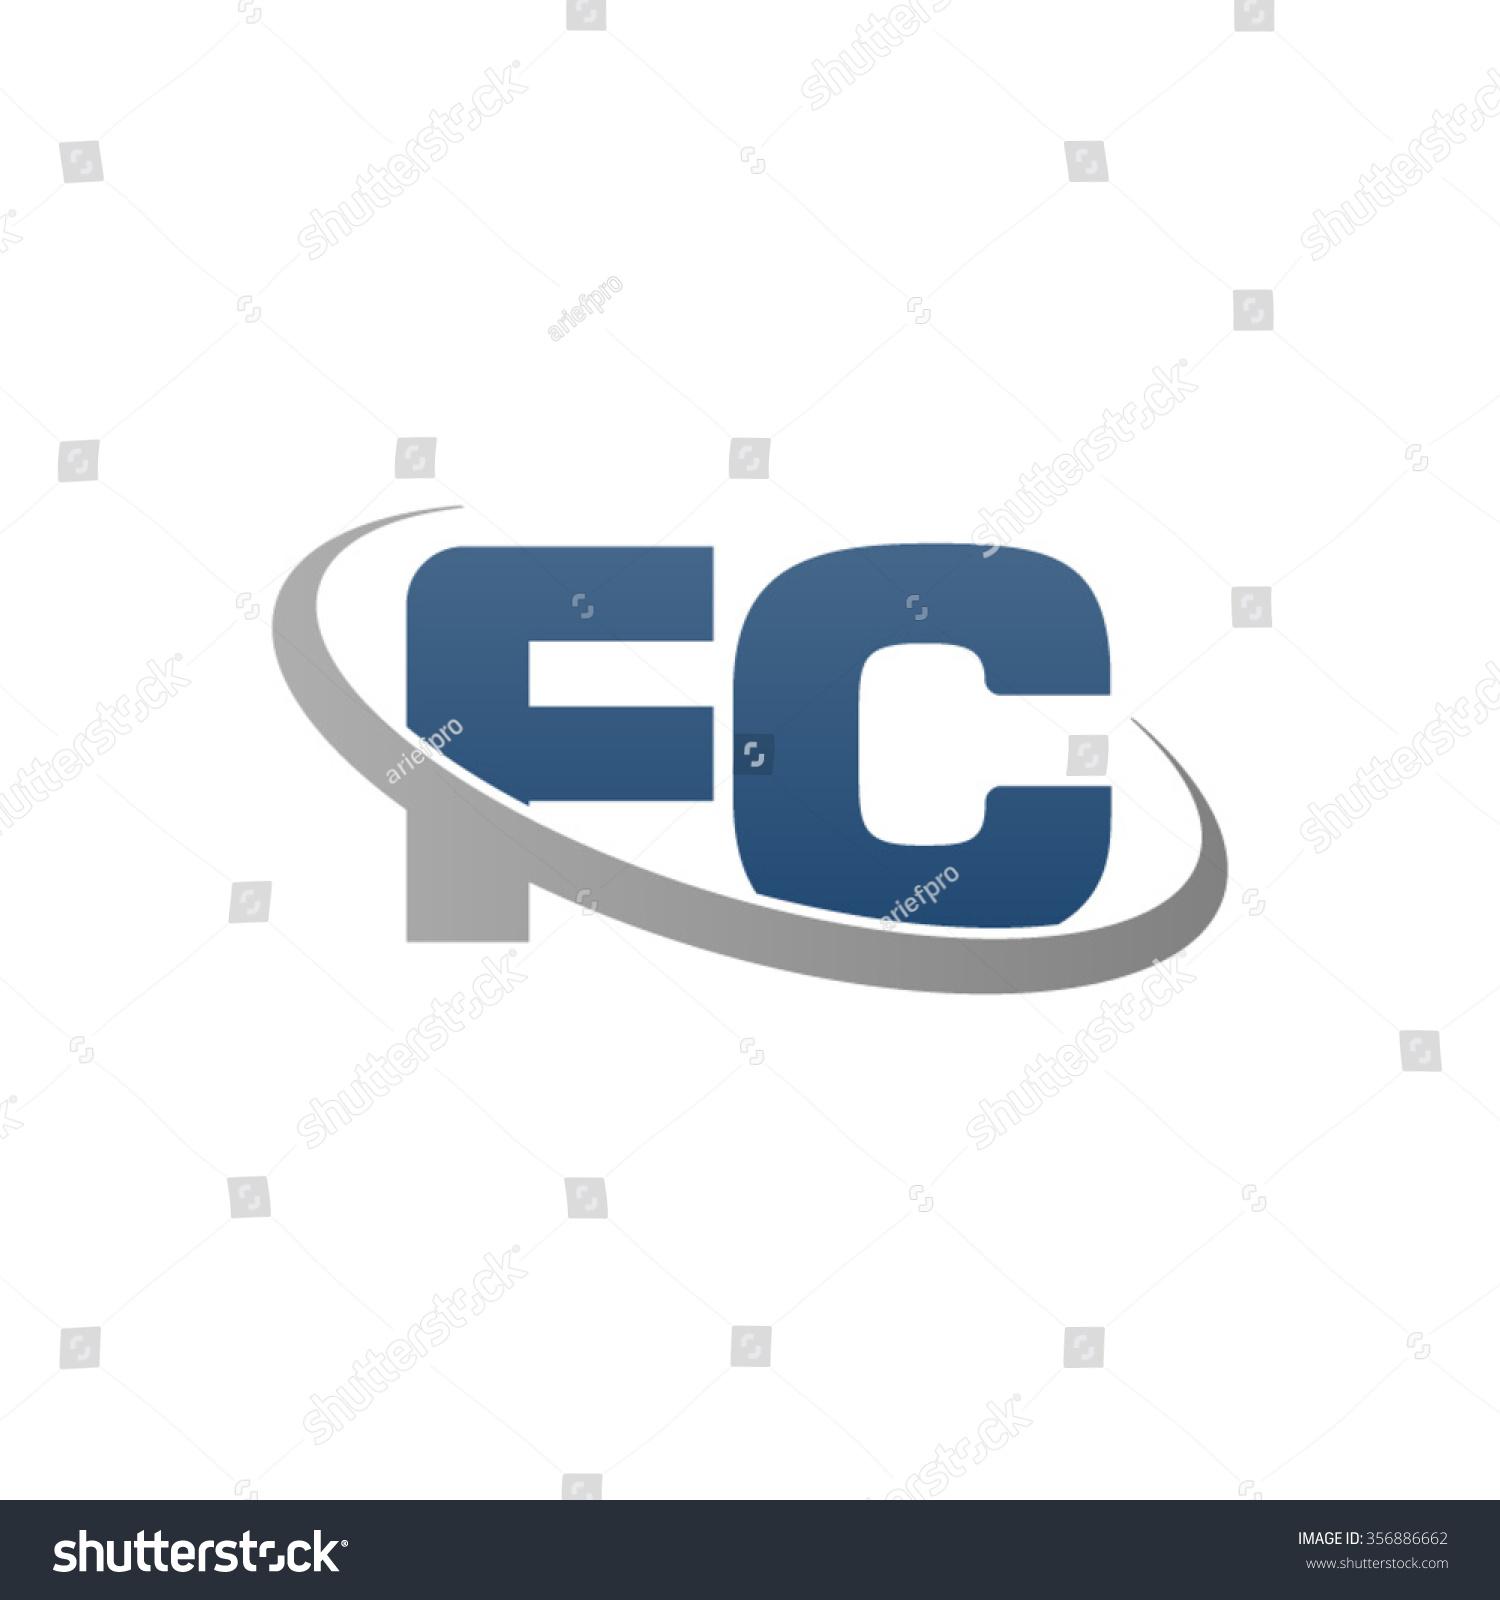 CategoryCompany logos  Wikipedia